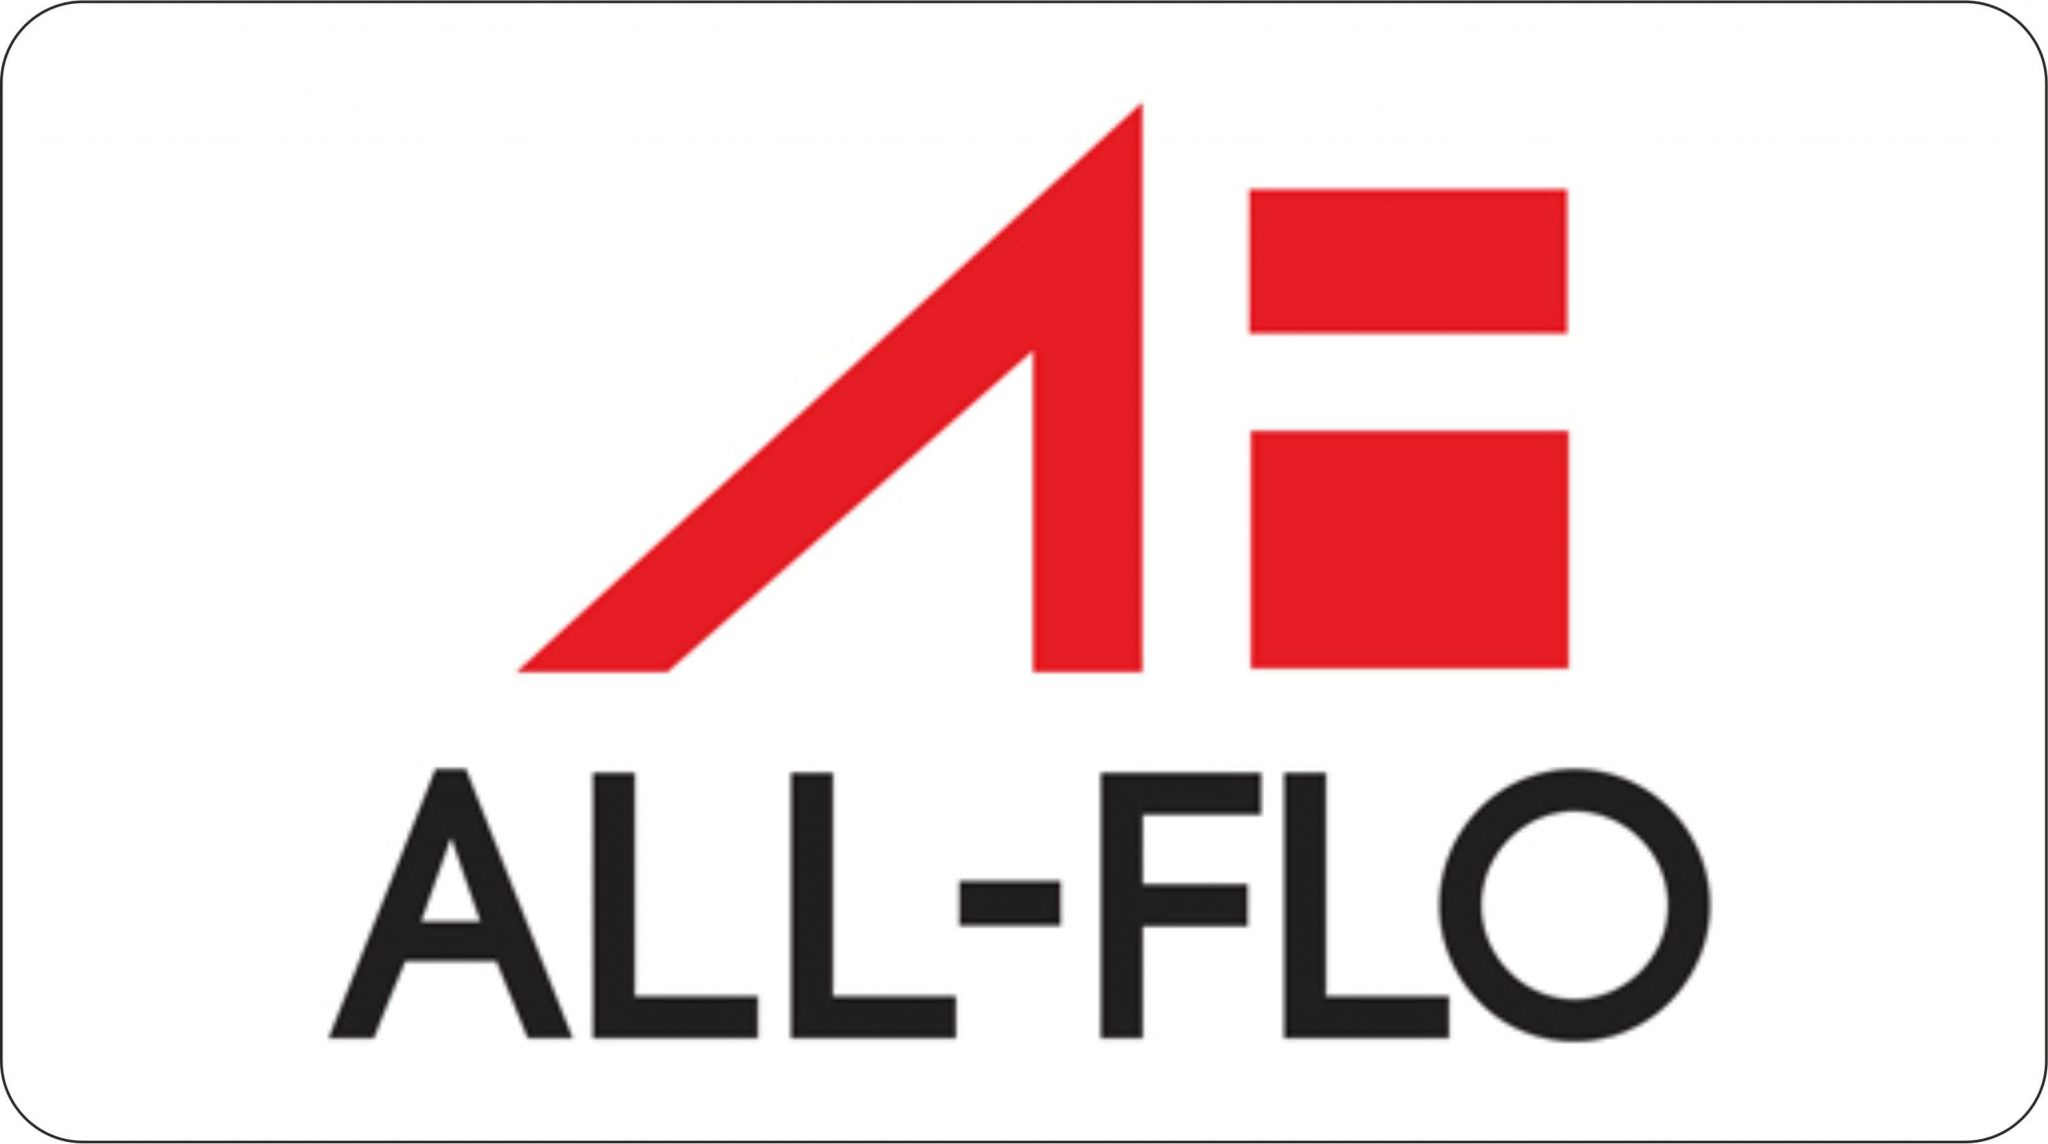 ALL FLO-min